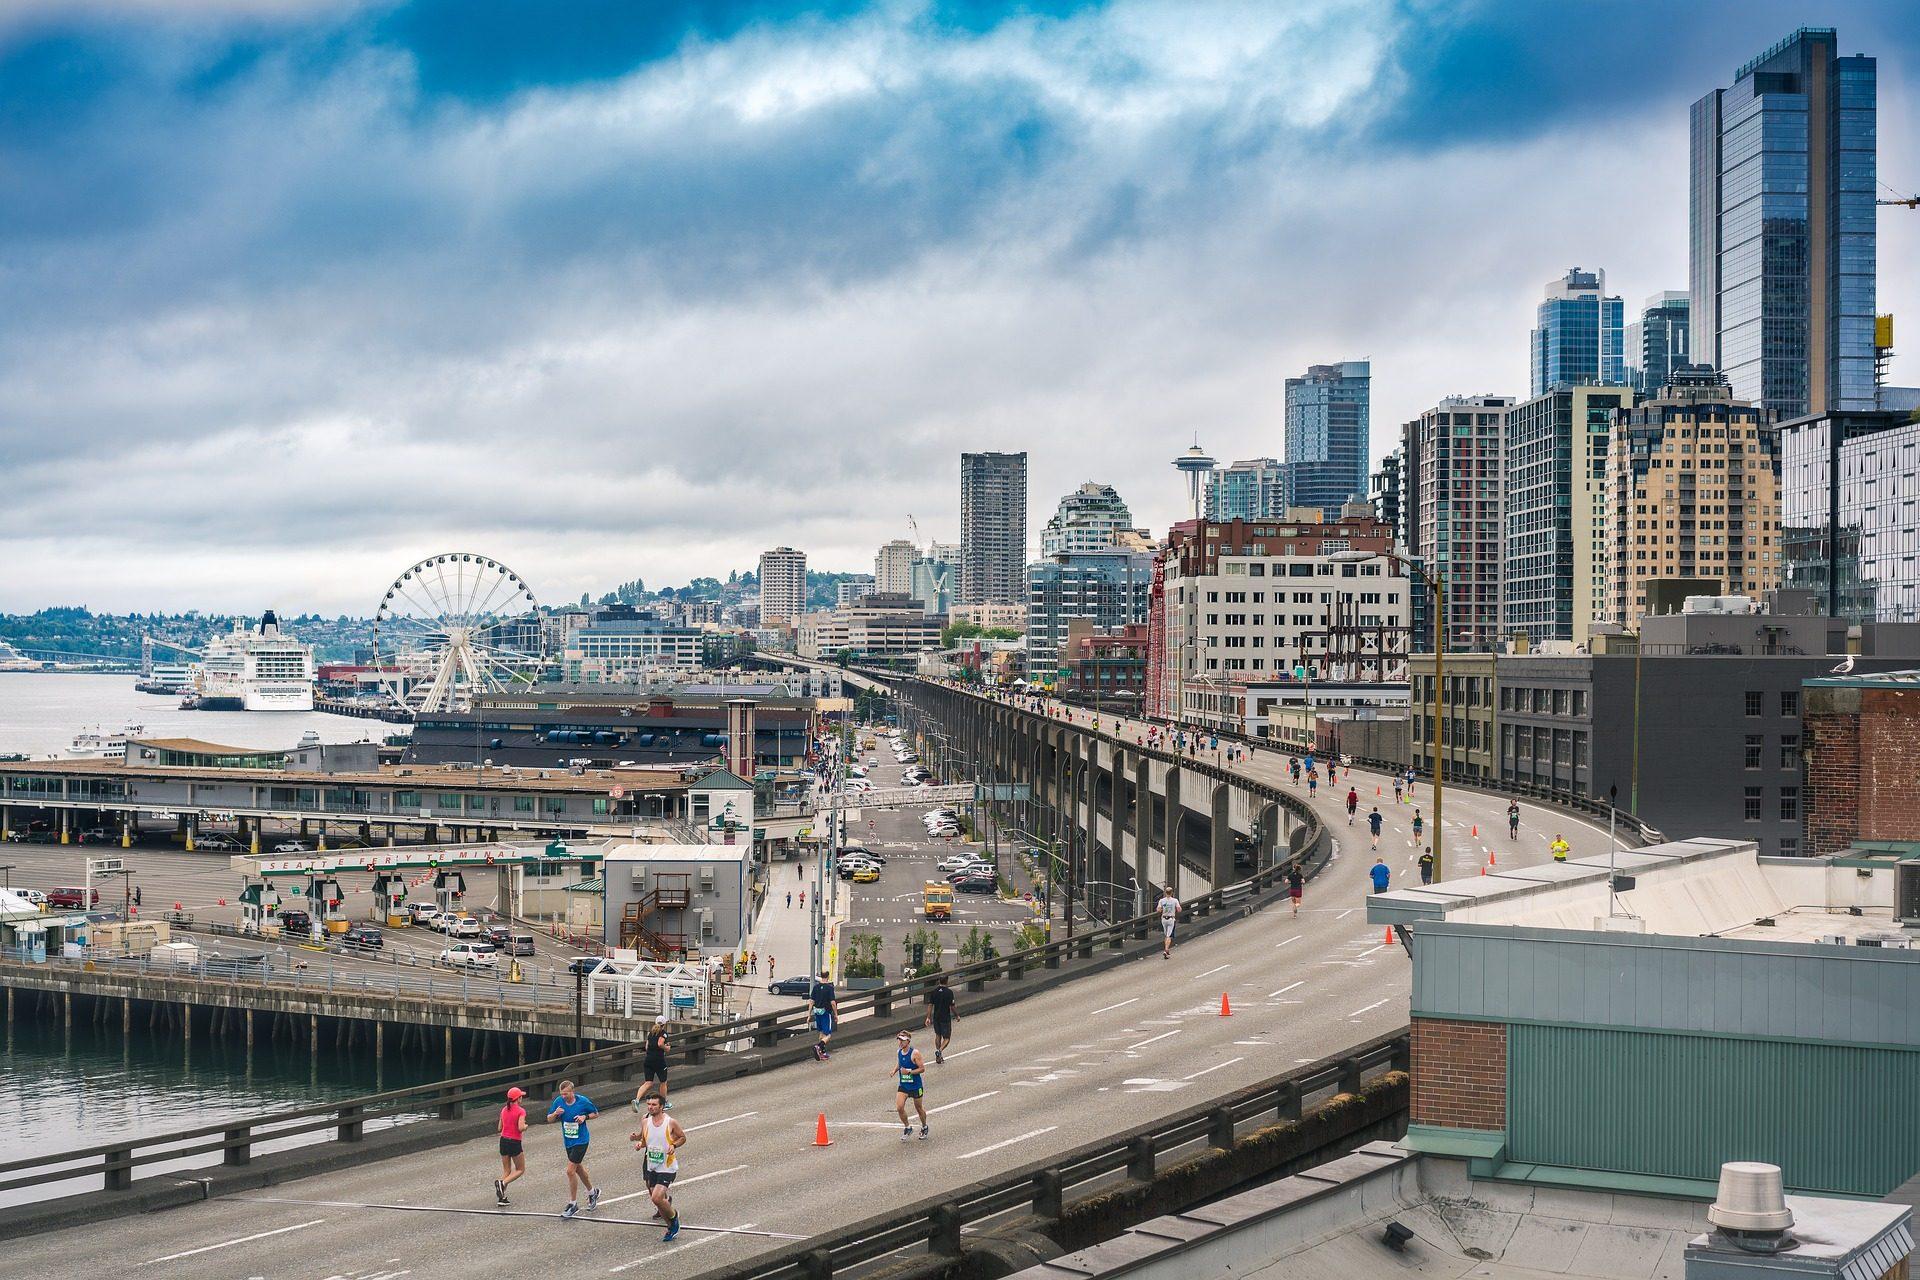 Ville, carrière, Marathon, courtiers en, bâtiments, Seattle - Fonds d'écran HD - Professor-falken.com